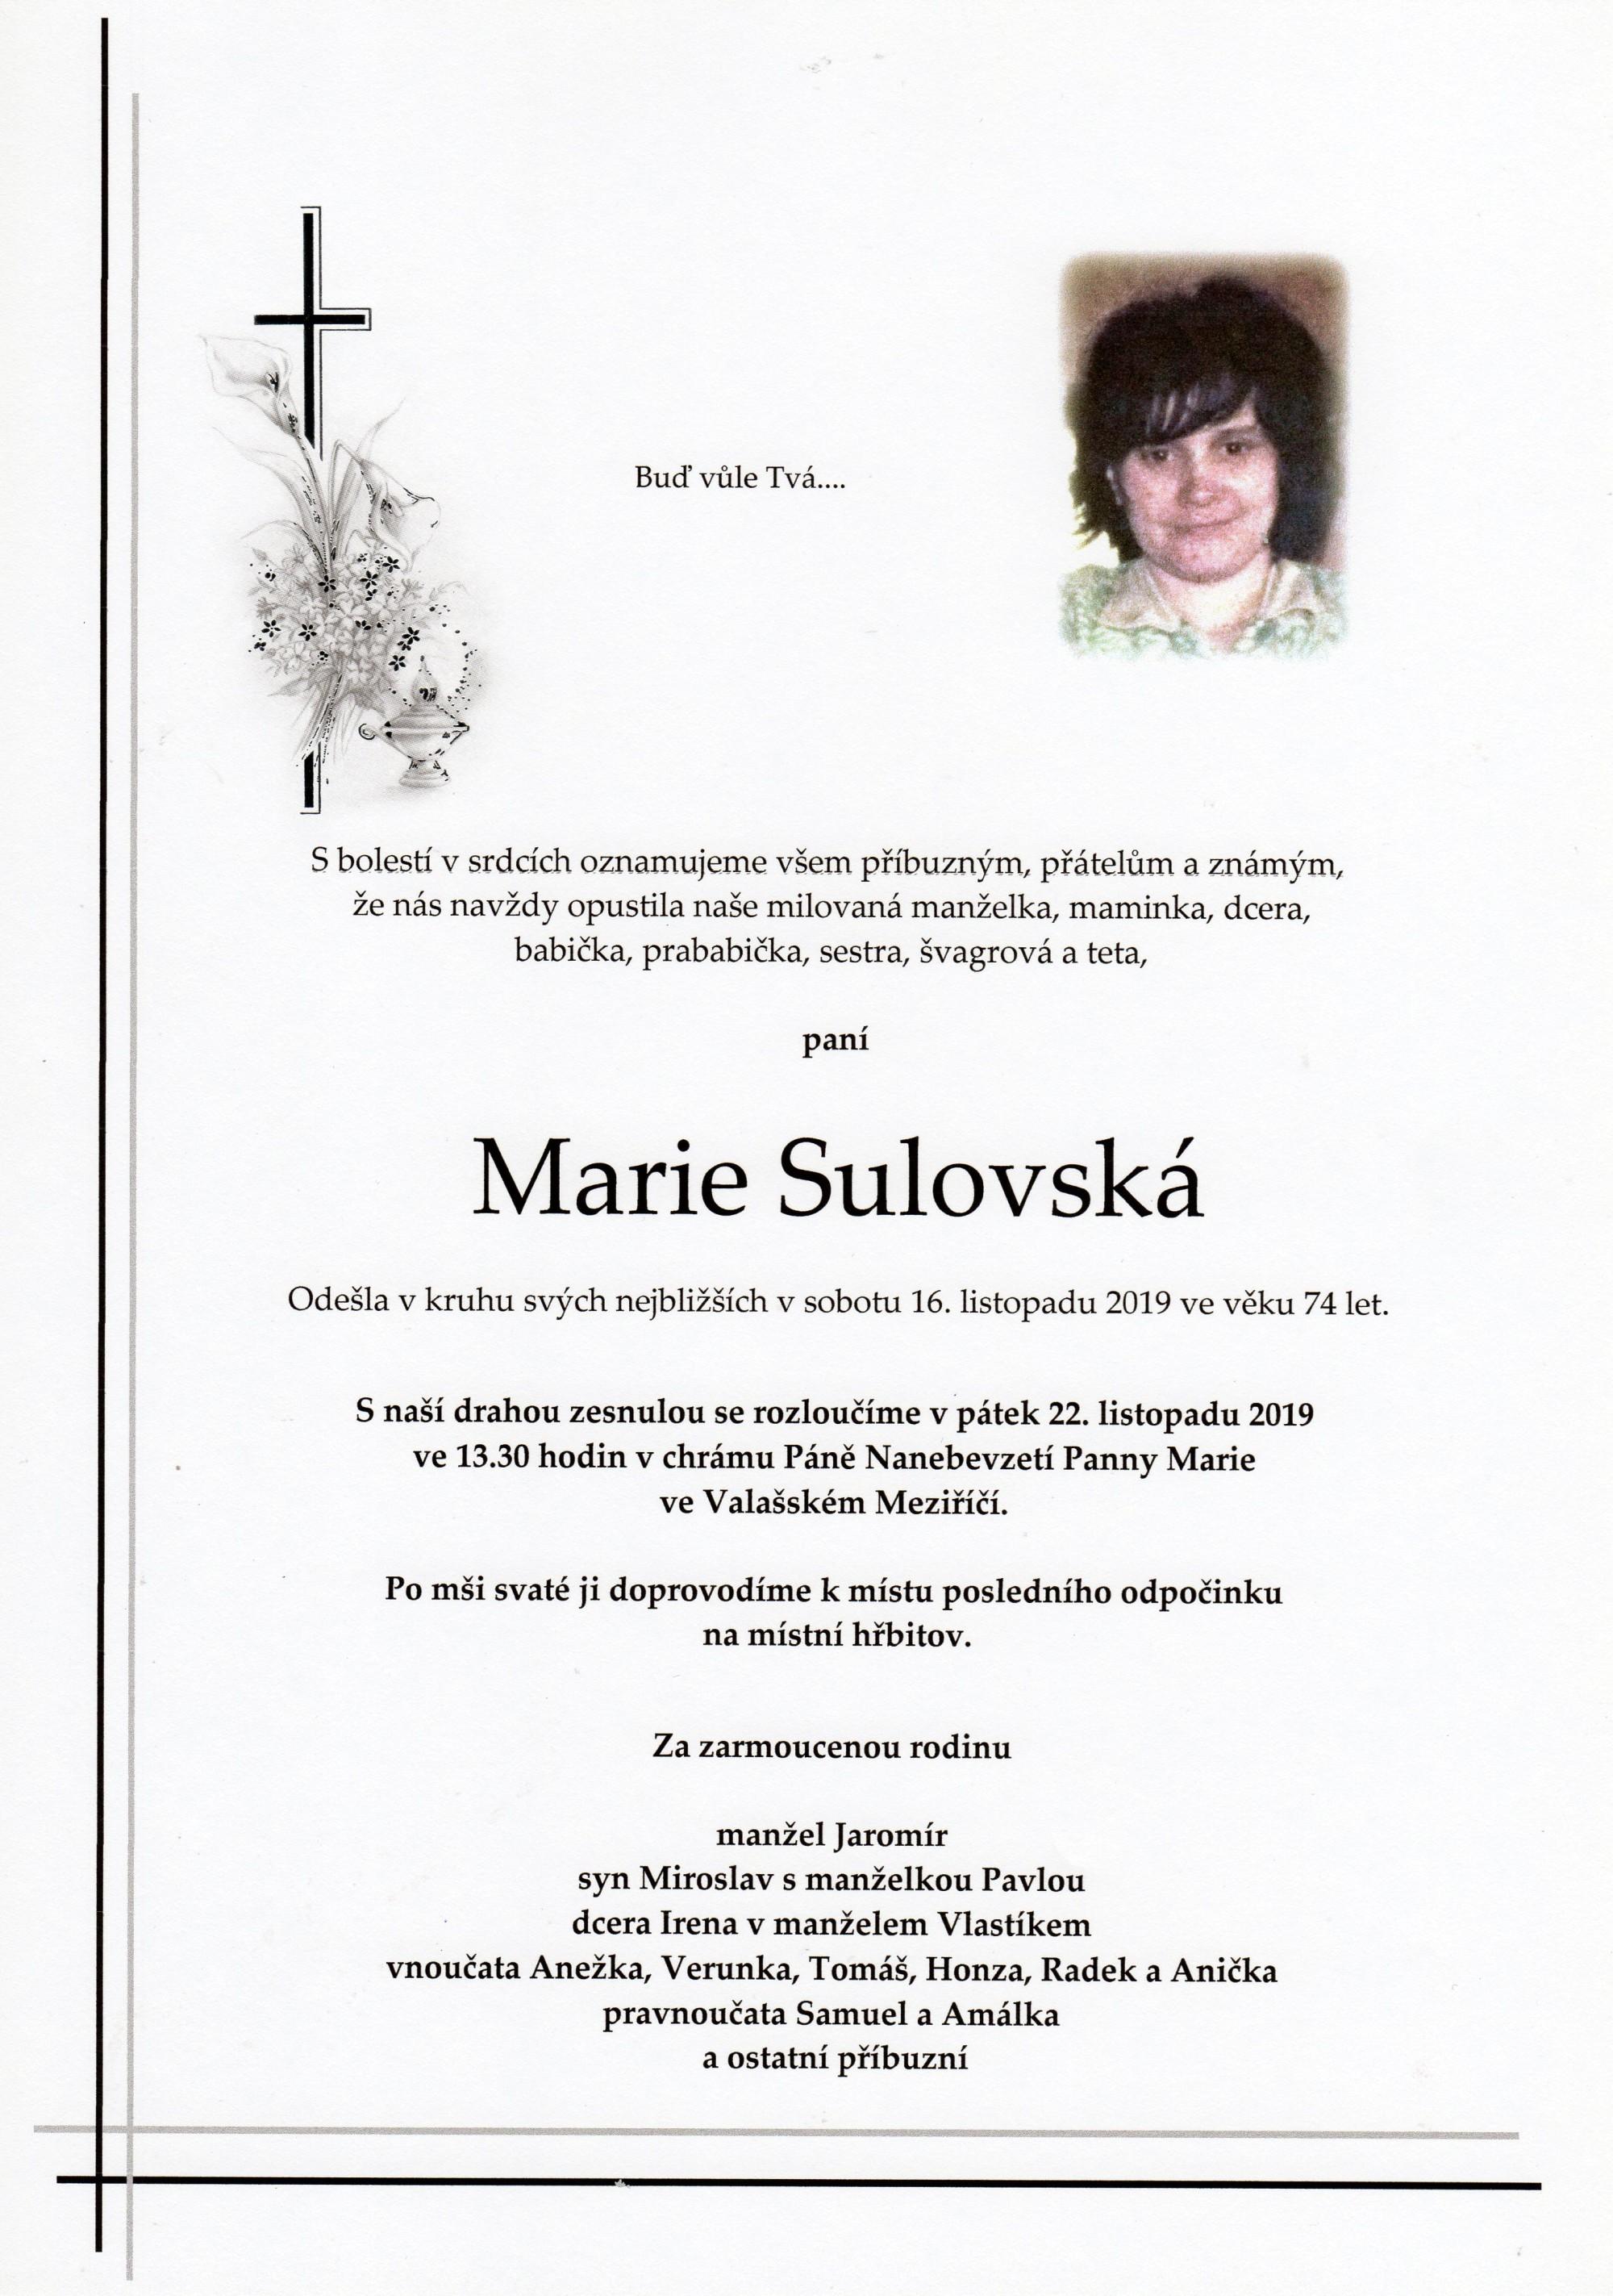 Marie Sulovská